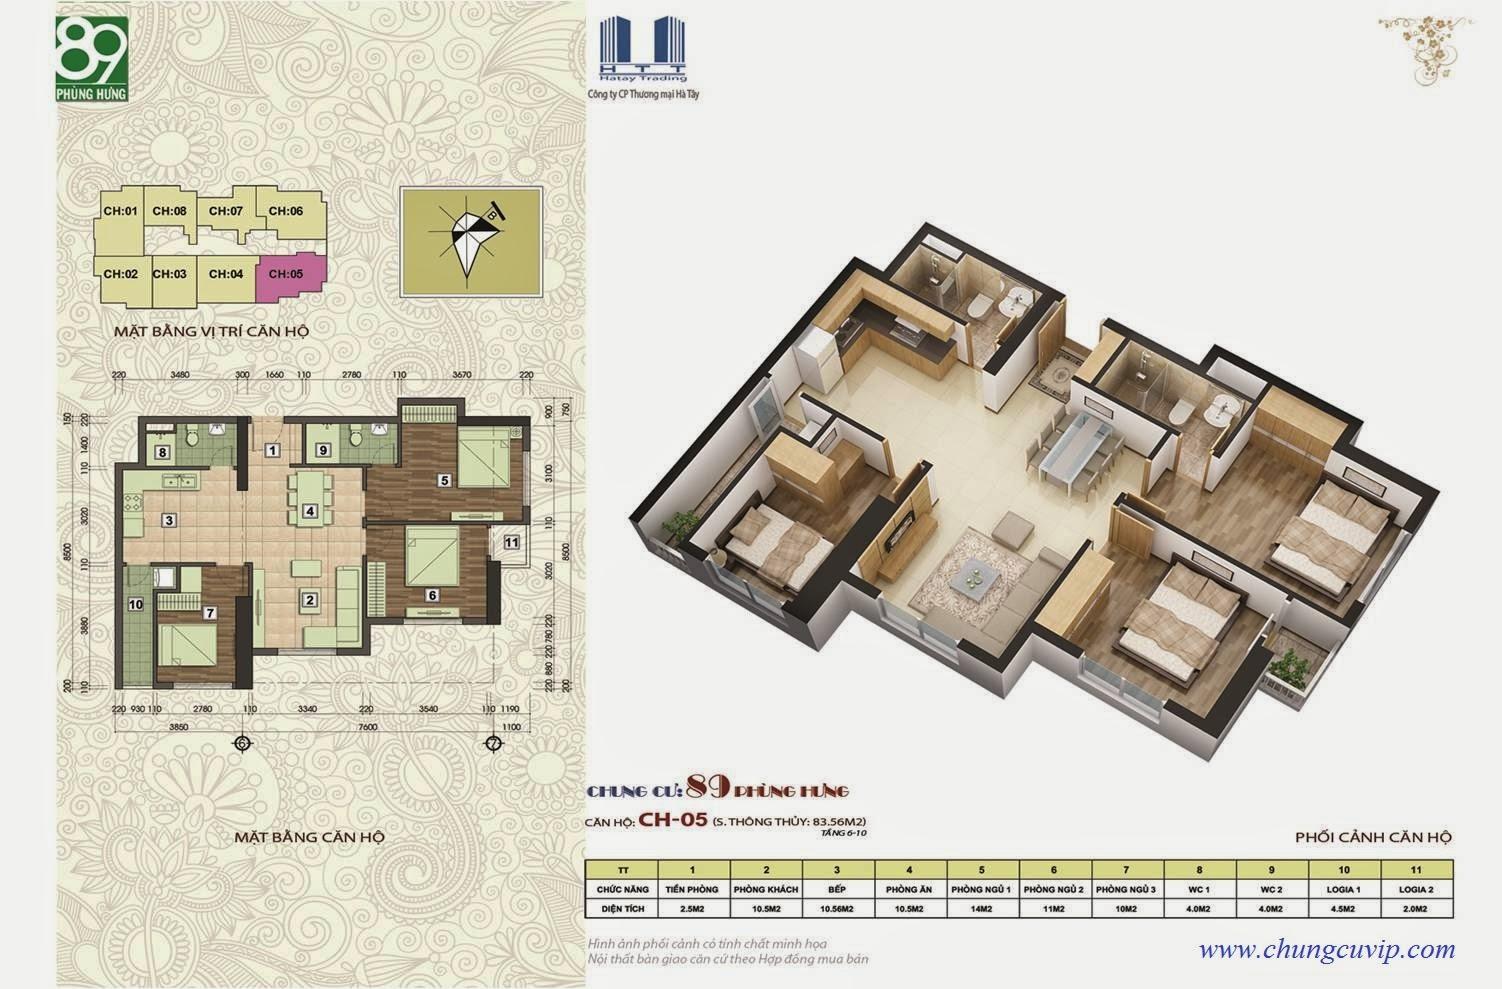 Chung cư 89 Phùng Hưng, Căn 81,78 m2